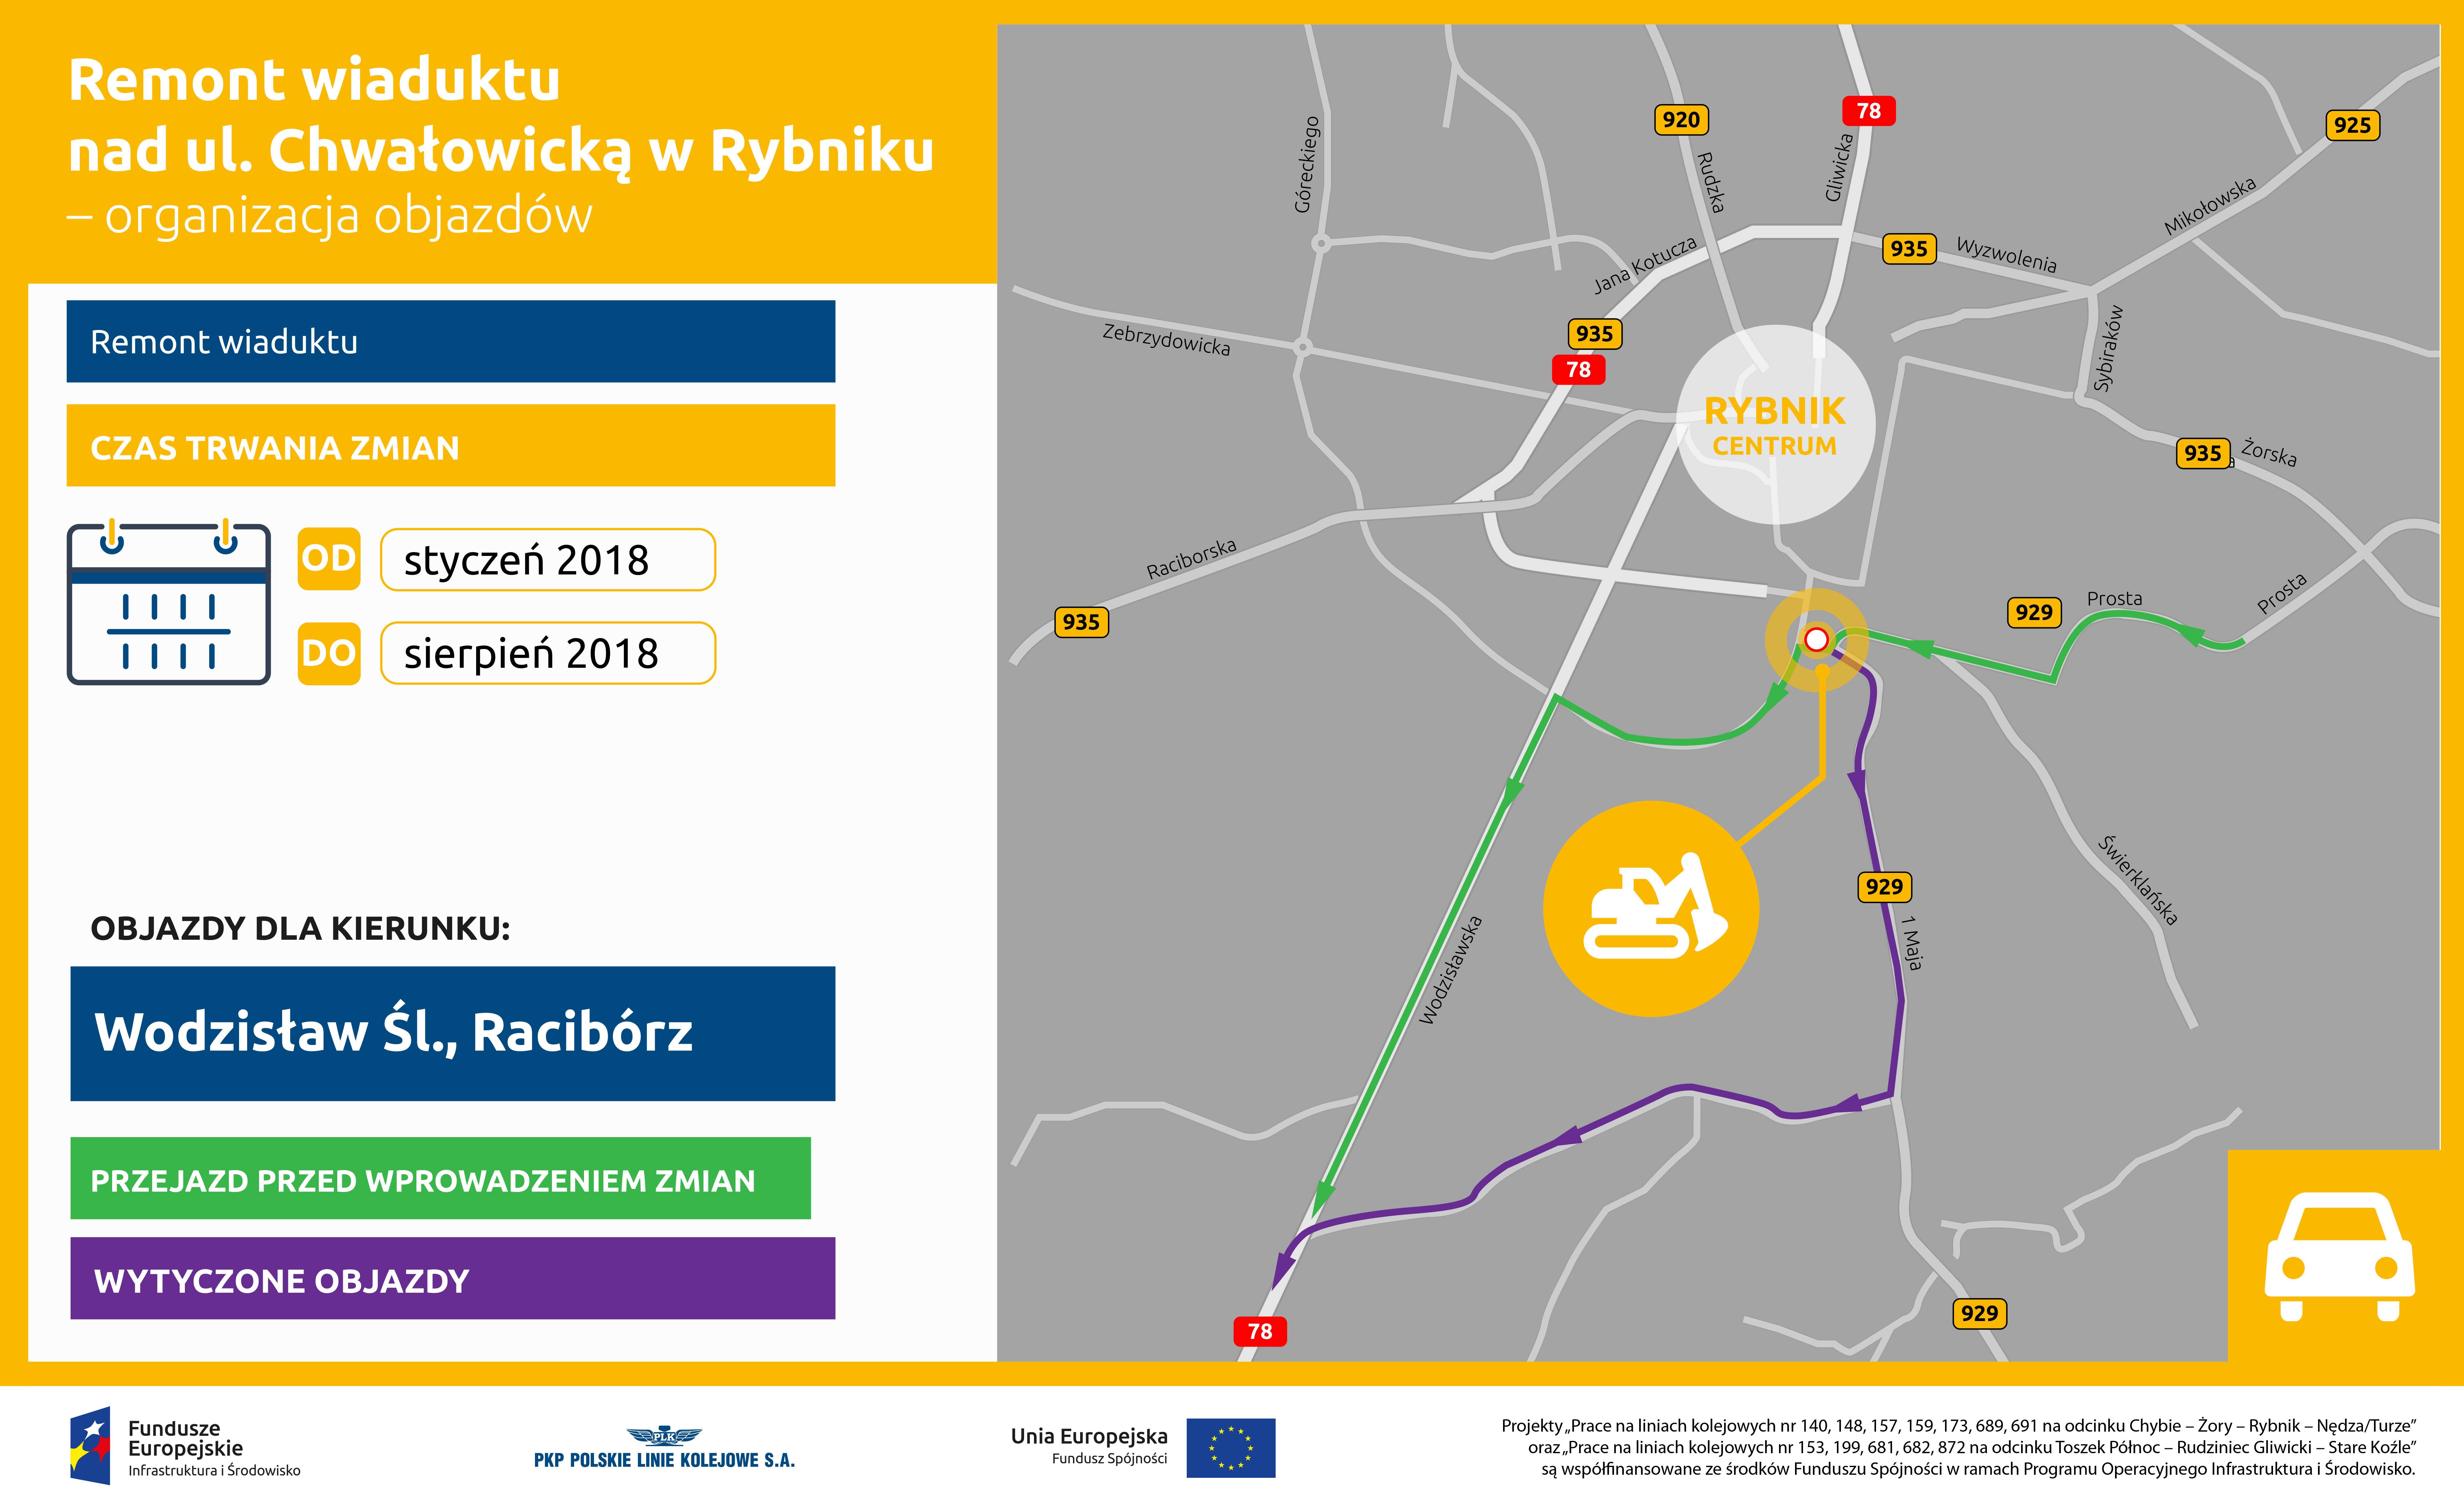 Infografika mówi o objazdach które będą obowiązywać w czasie trwania remontu wiaduktu nad ulicą Chwałowicką. Mapa dokładnie obrazuje wytyczone objazdy.